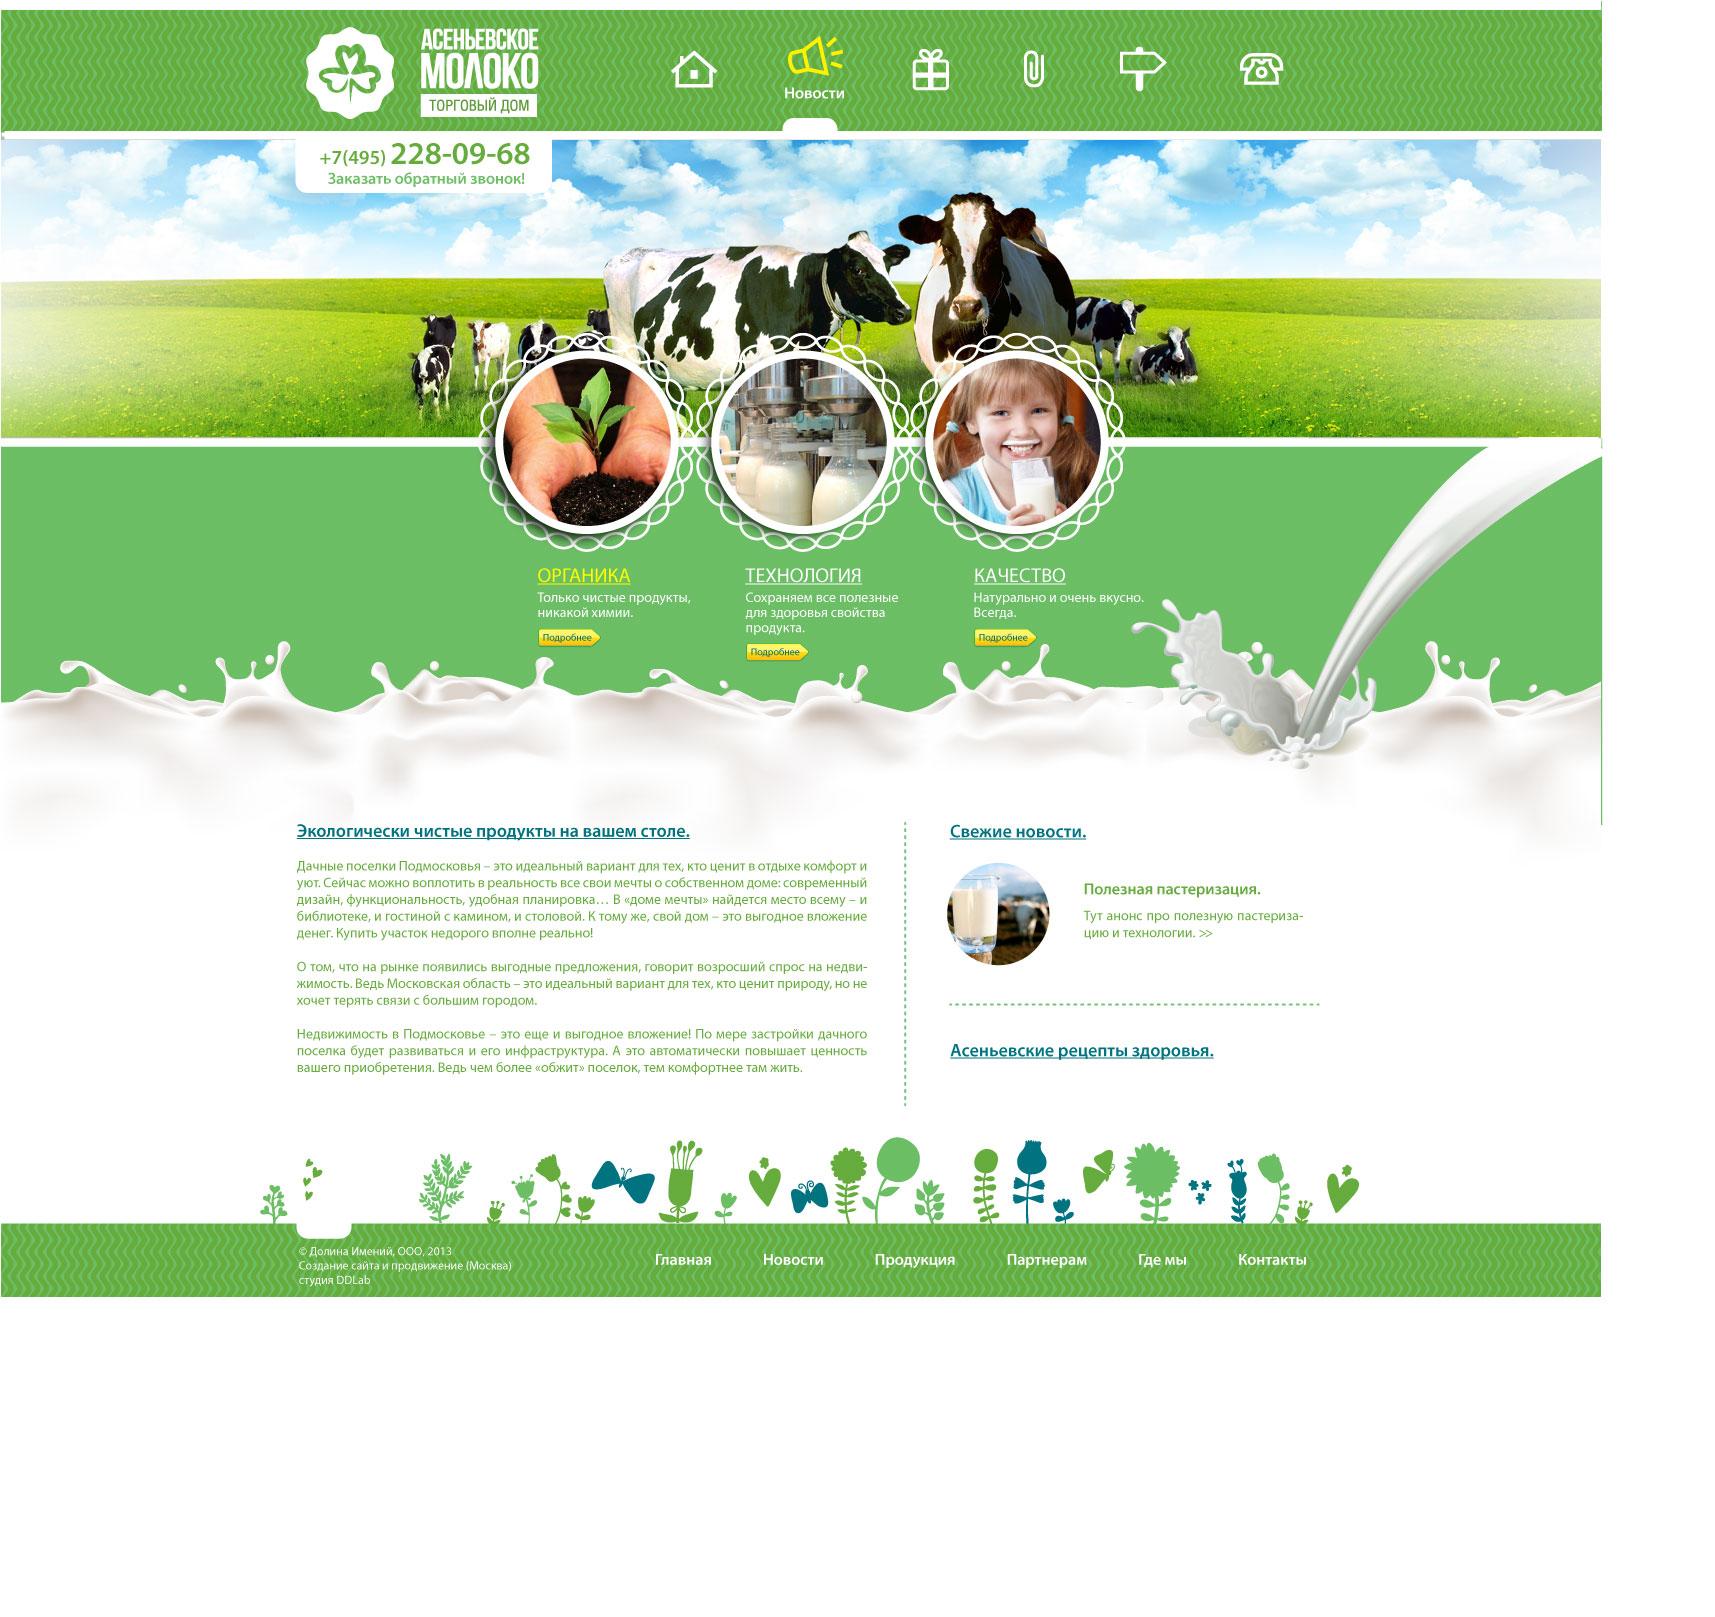 сайт московской молочной фермы